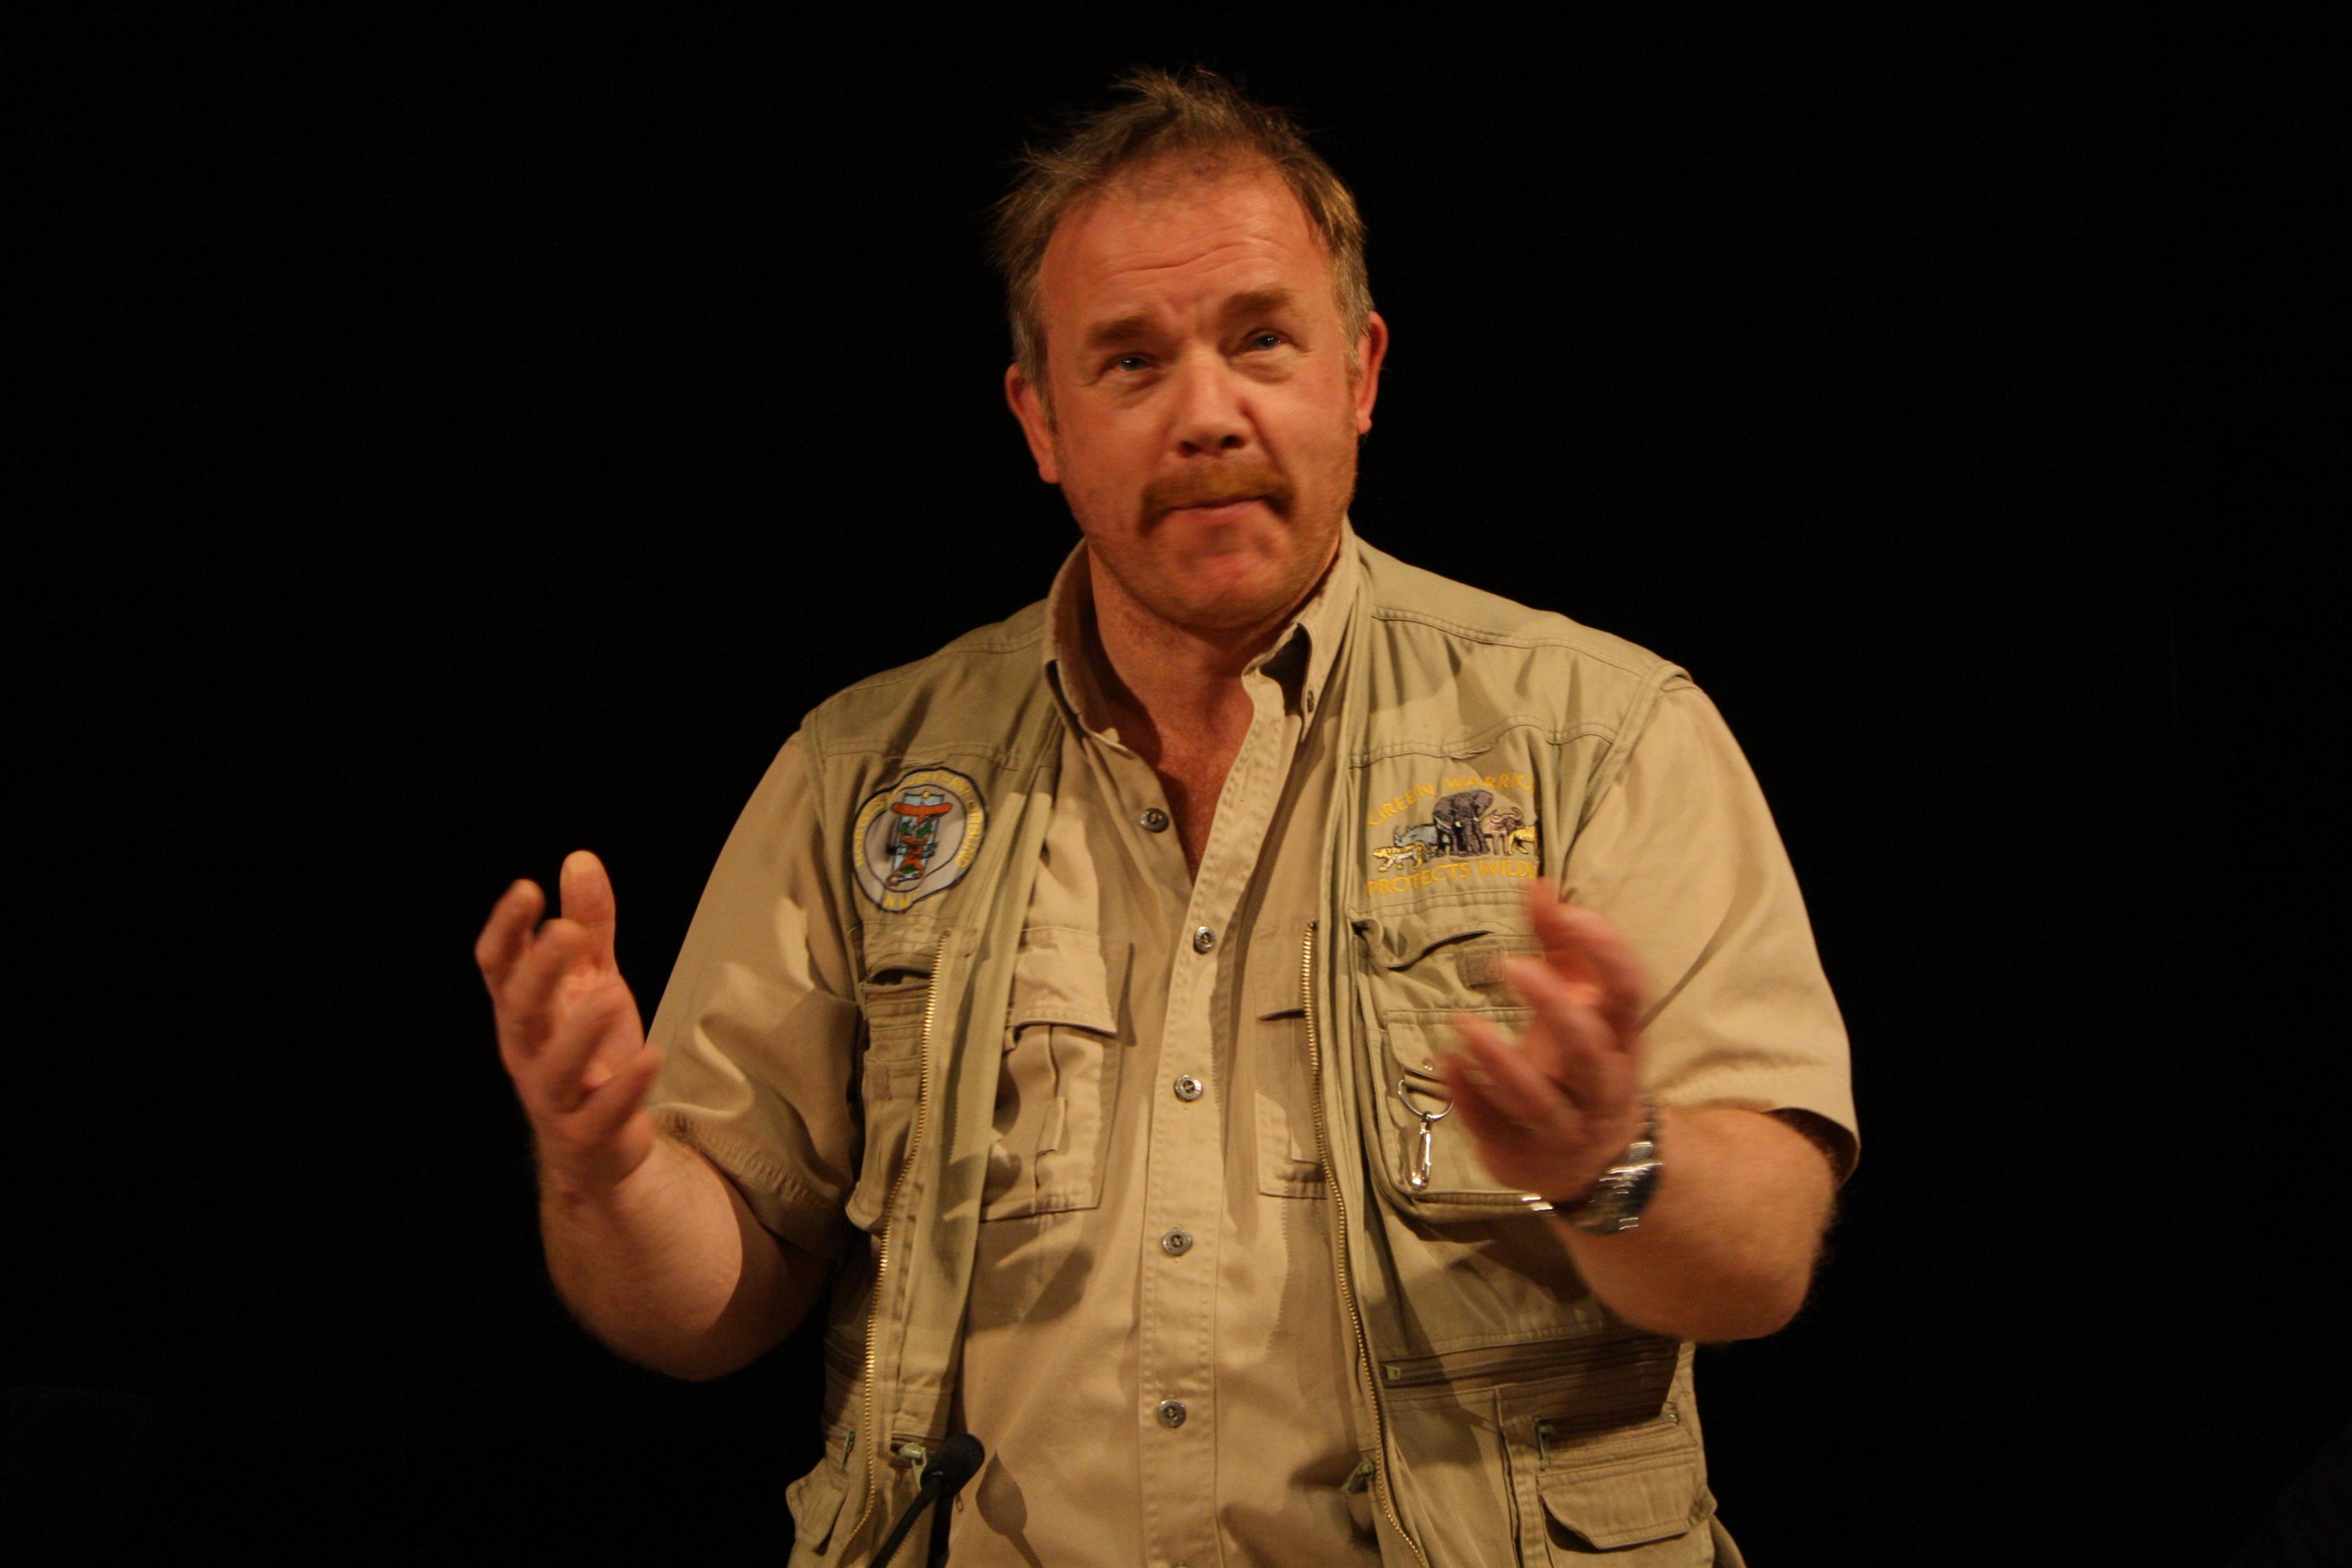 File:Kurt Oddekalv at Røros-konferansen 2010.jpg